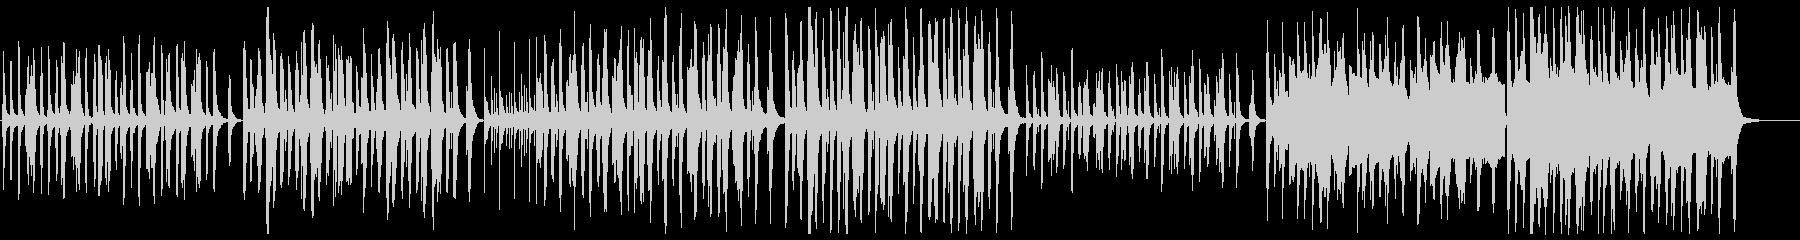 のんびりコミカルな木管とピアノの未再生の波形